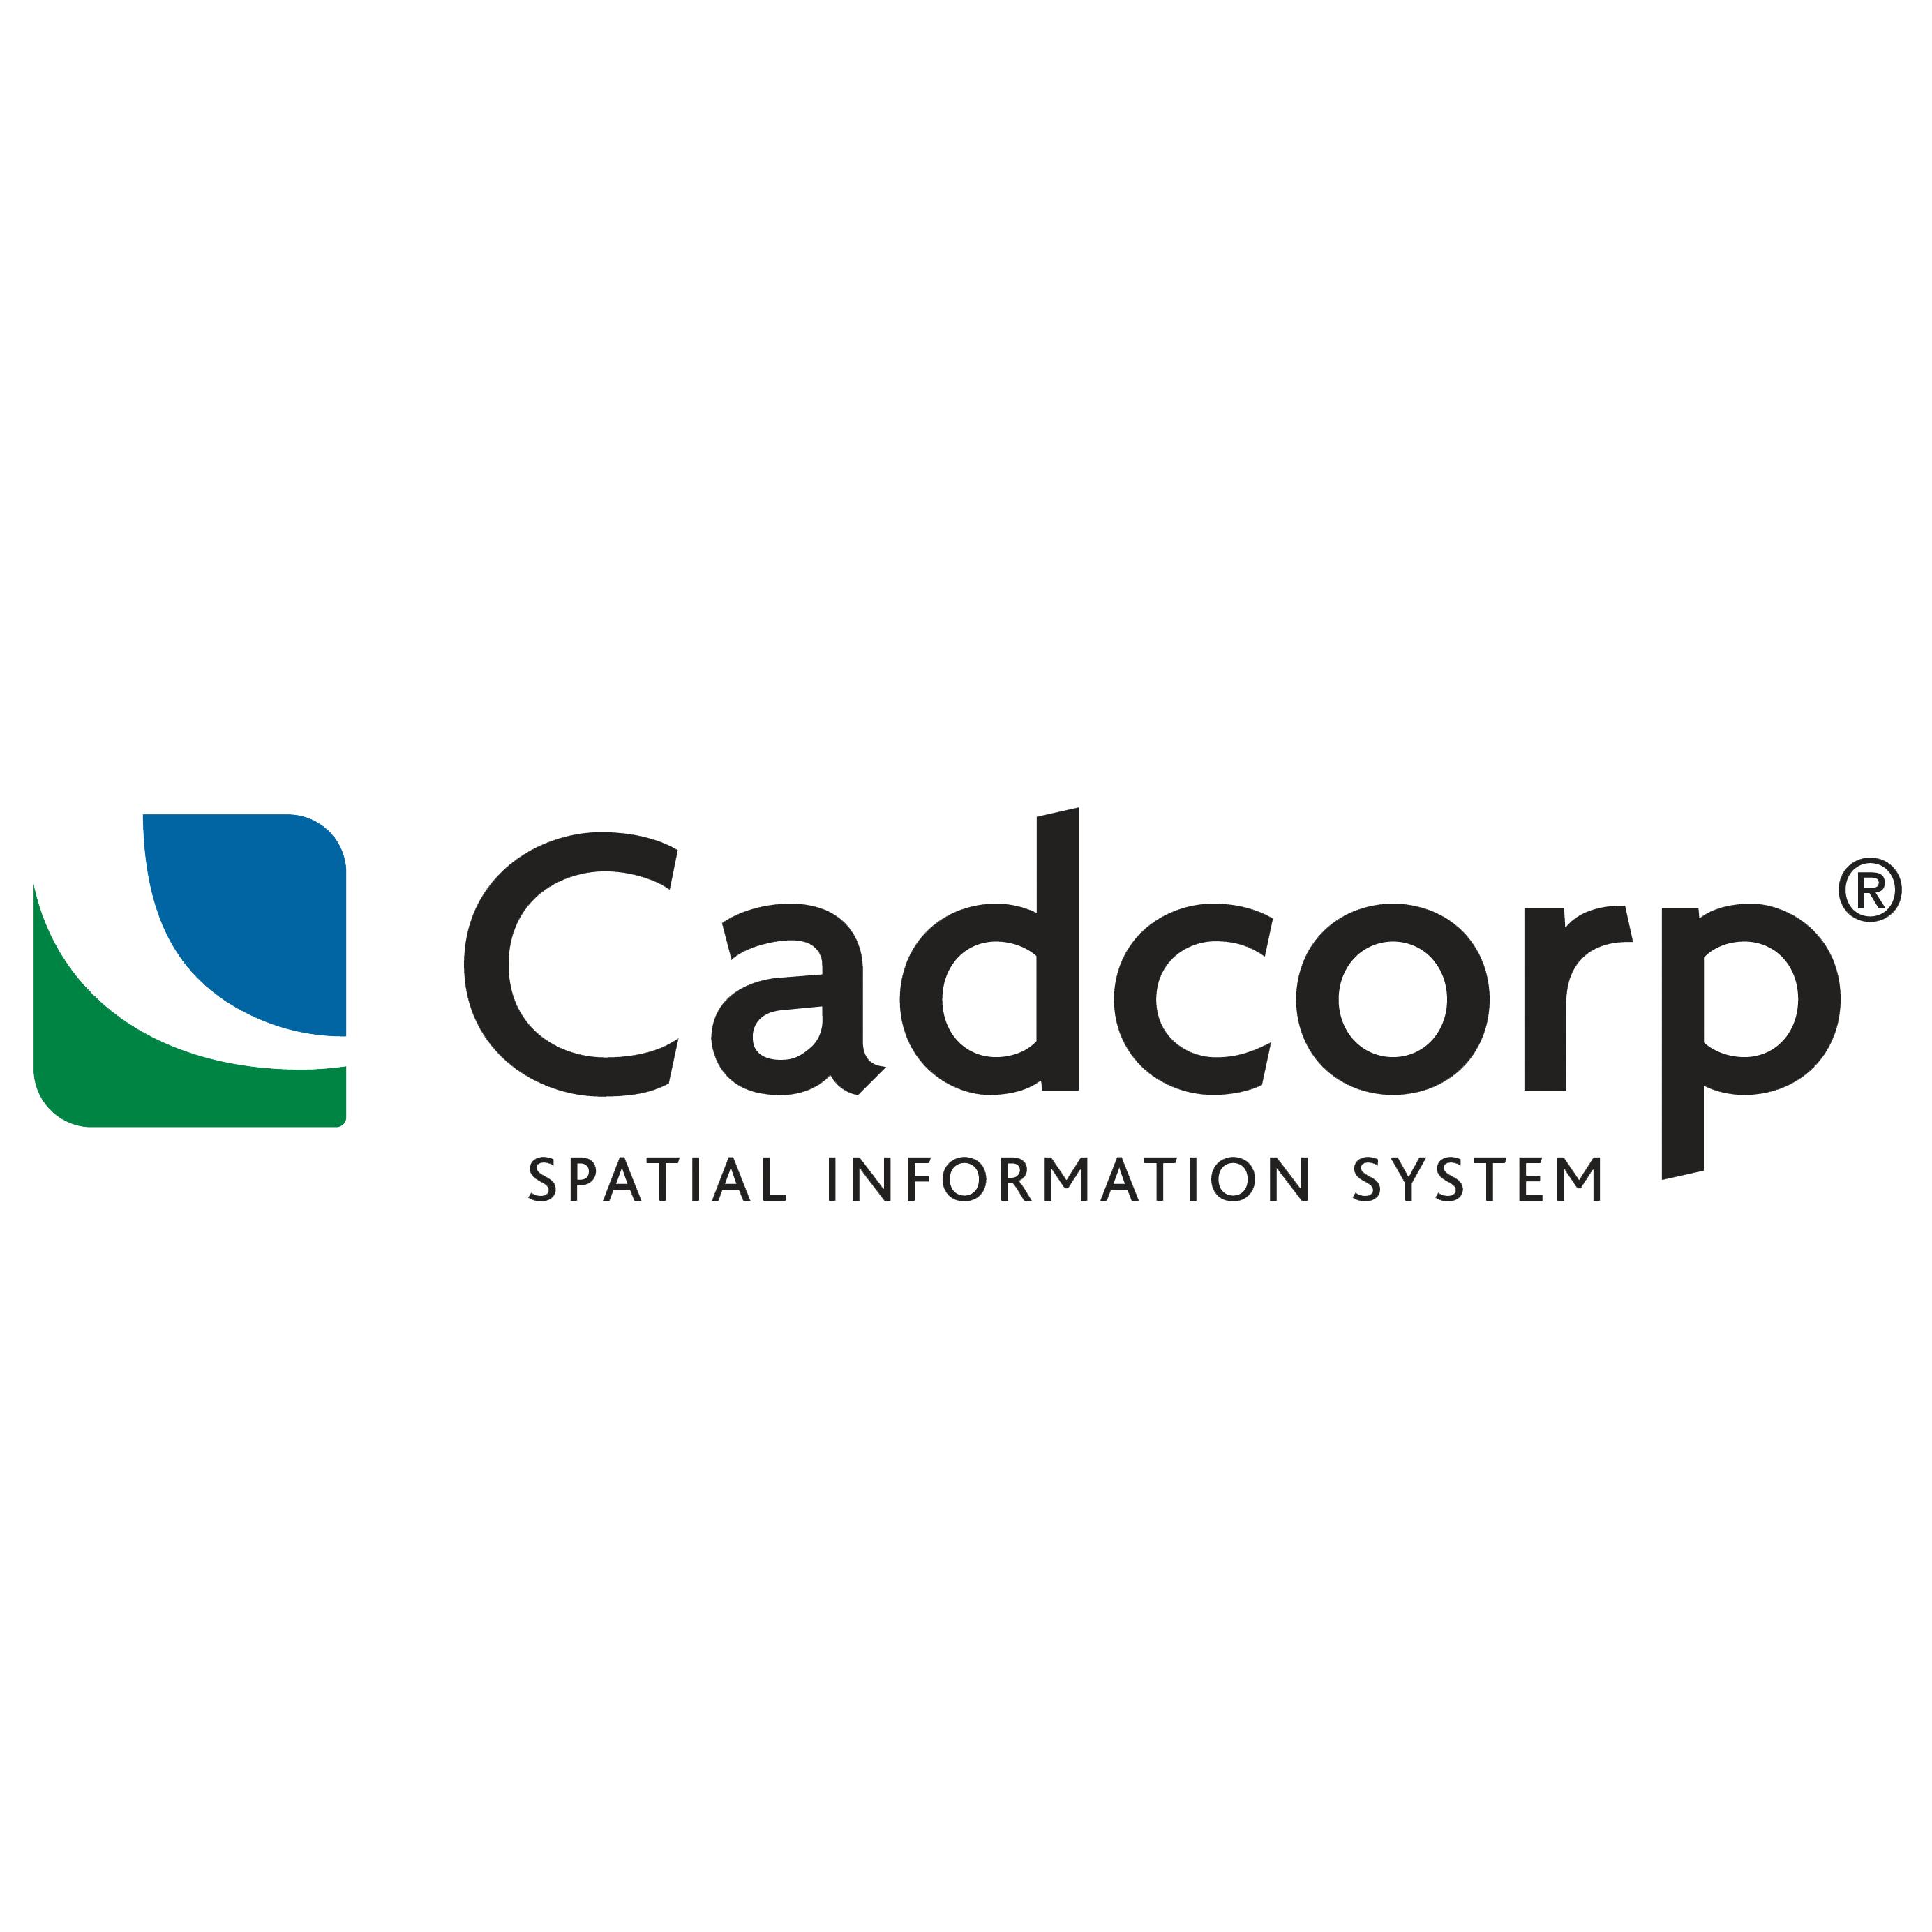 Cadcorp Item Database logo